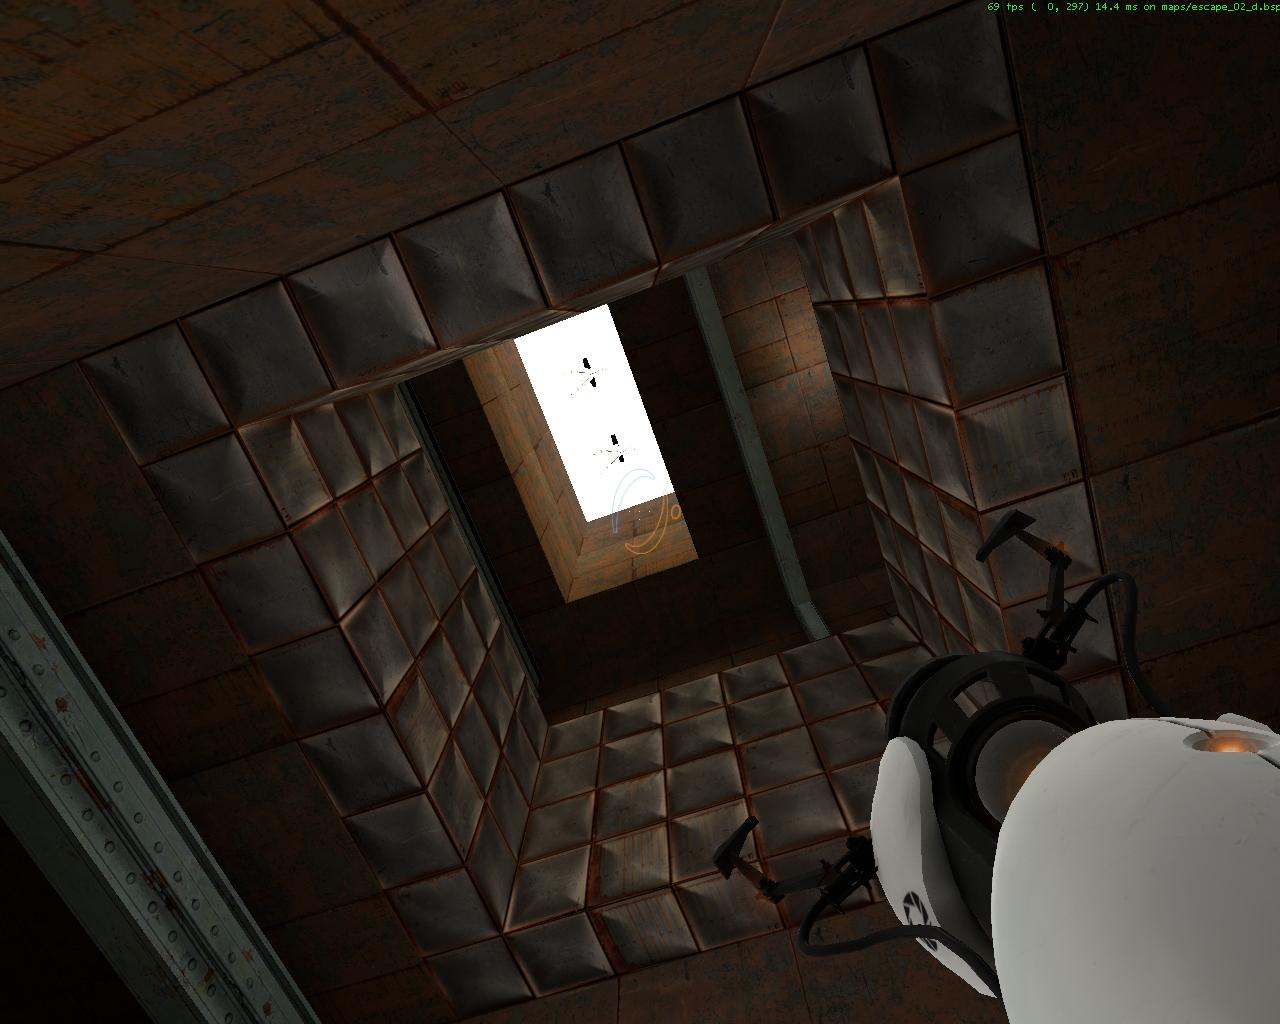 escape_02_d0059.jpg - Portal escape_02_d, Portal 2006, Portal Beta